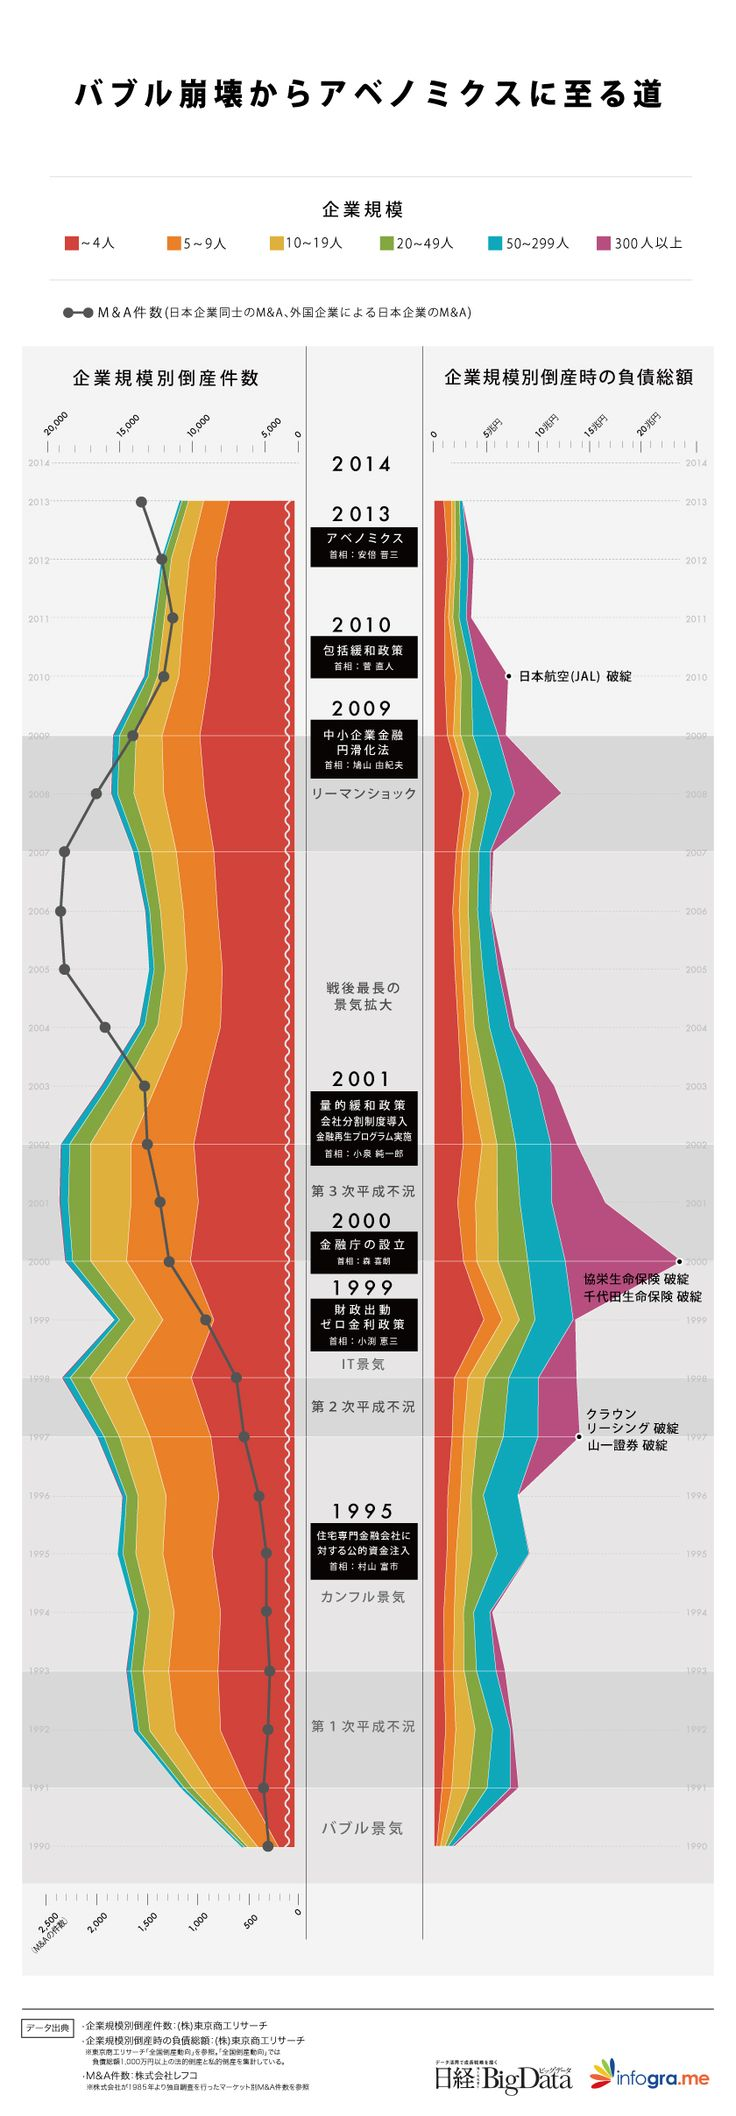 企業倒産にみる日本経済25年の歩み、経済政策はどこまで倒産の増加を食い止めたか - 日経BigData